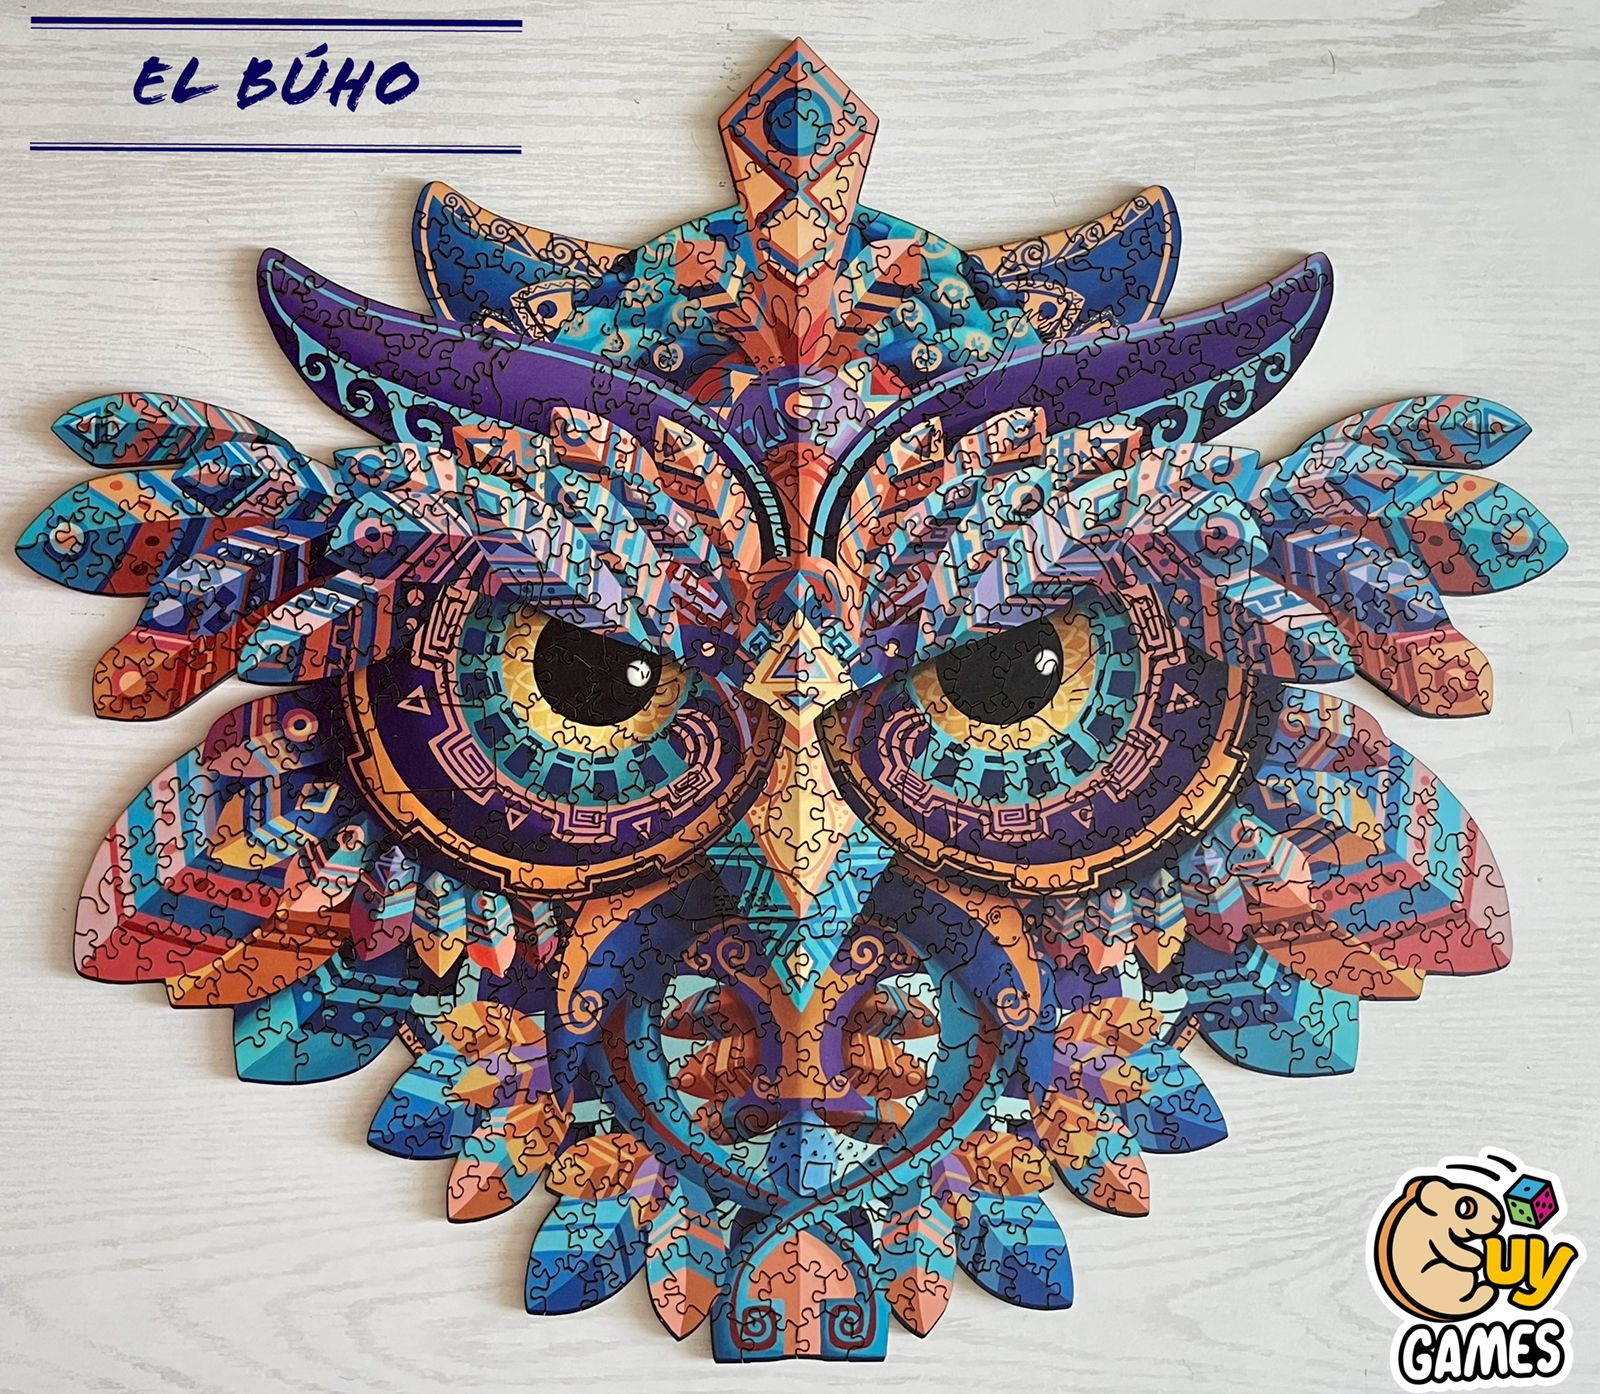 Cuy Games - 500 PIEZAS - EL BUHO -